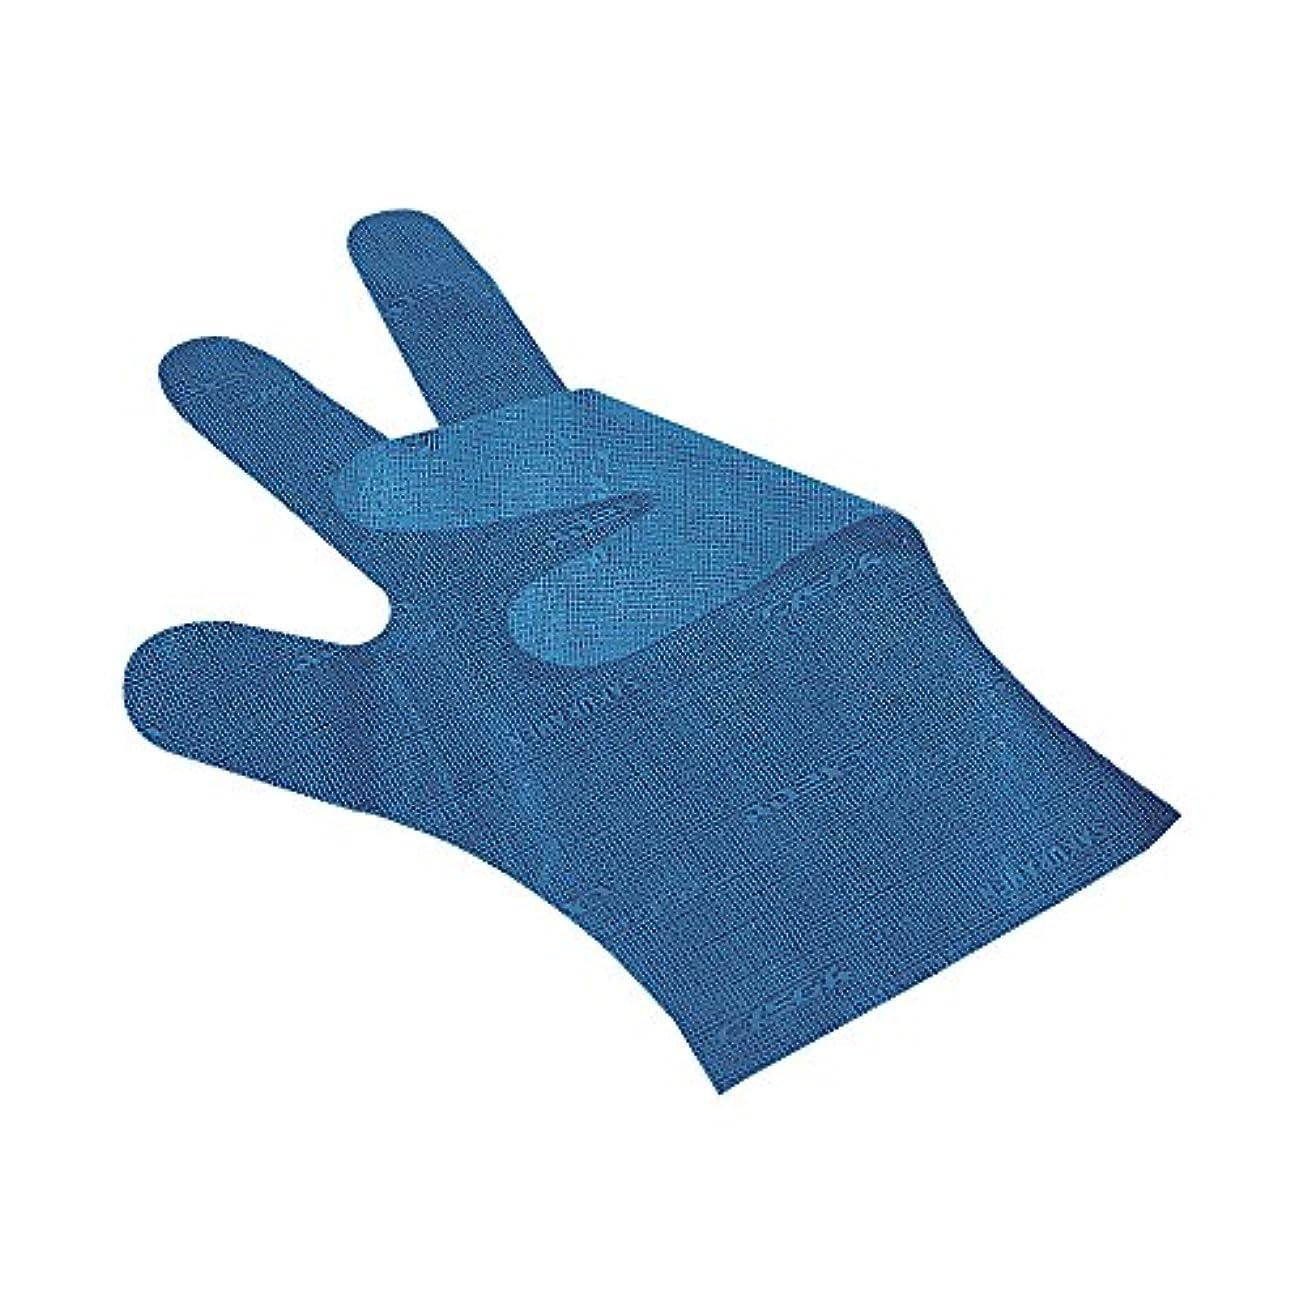 トラフィックバット満足させるサクラメンエンボス手袋 デラックス ブルー S 100枚入